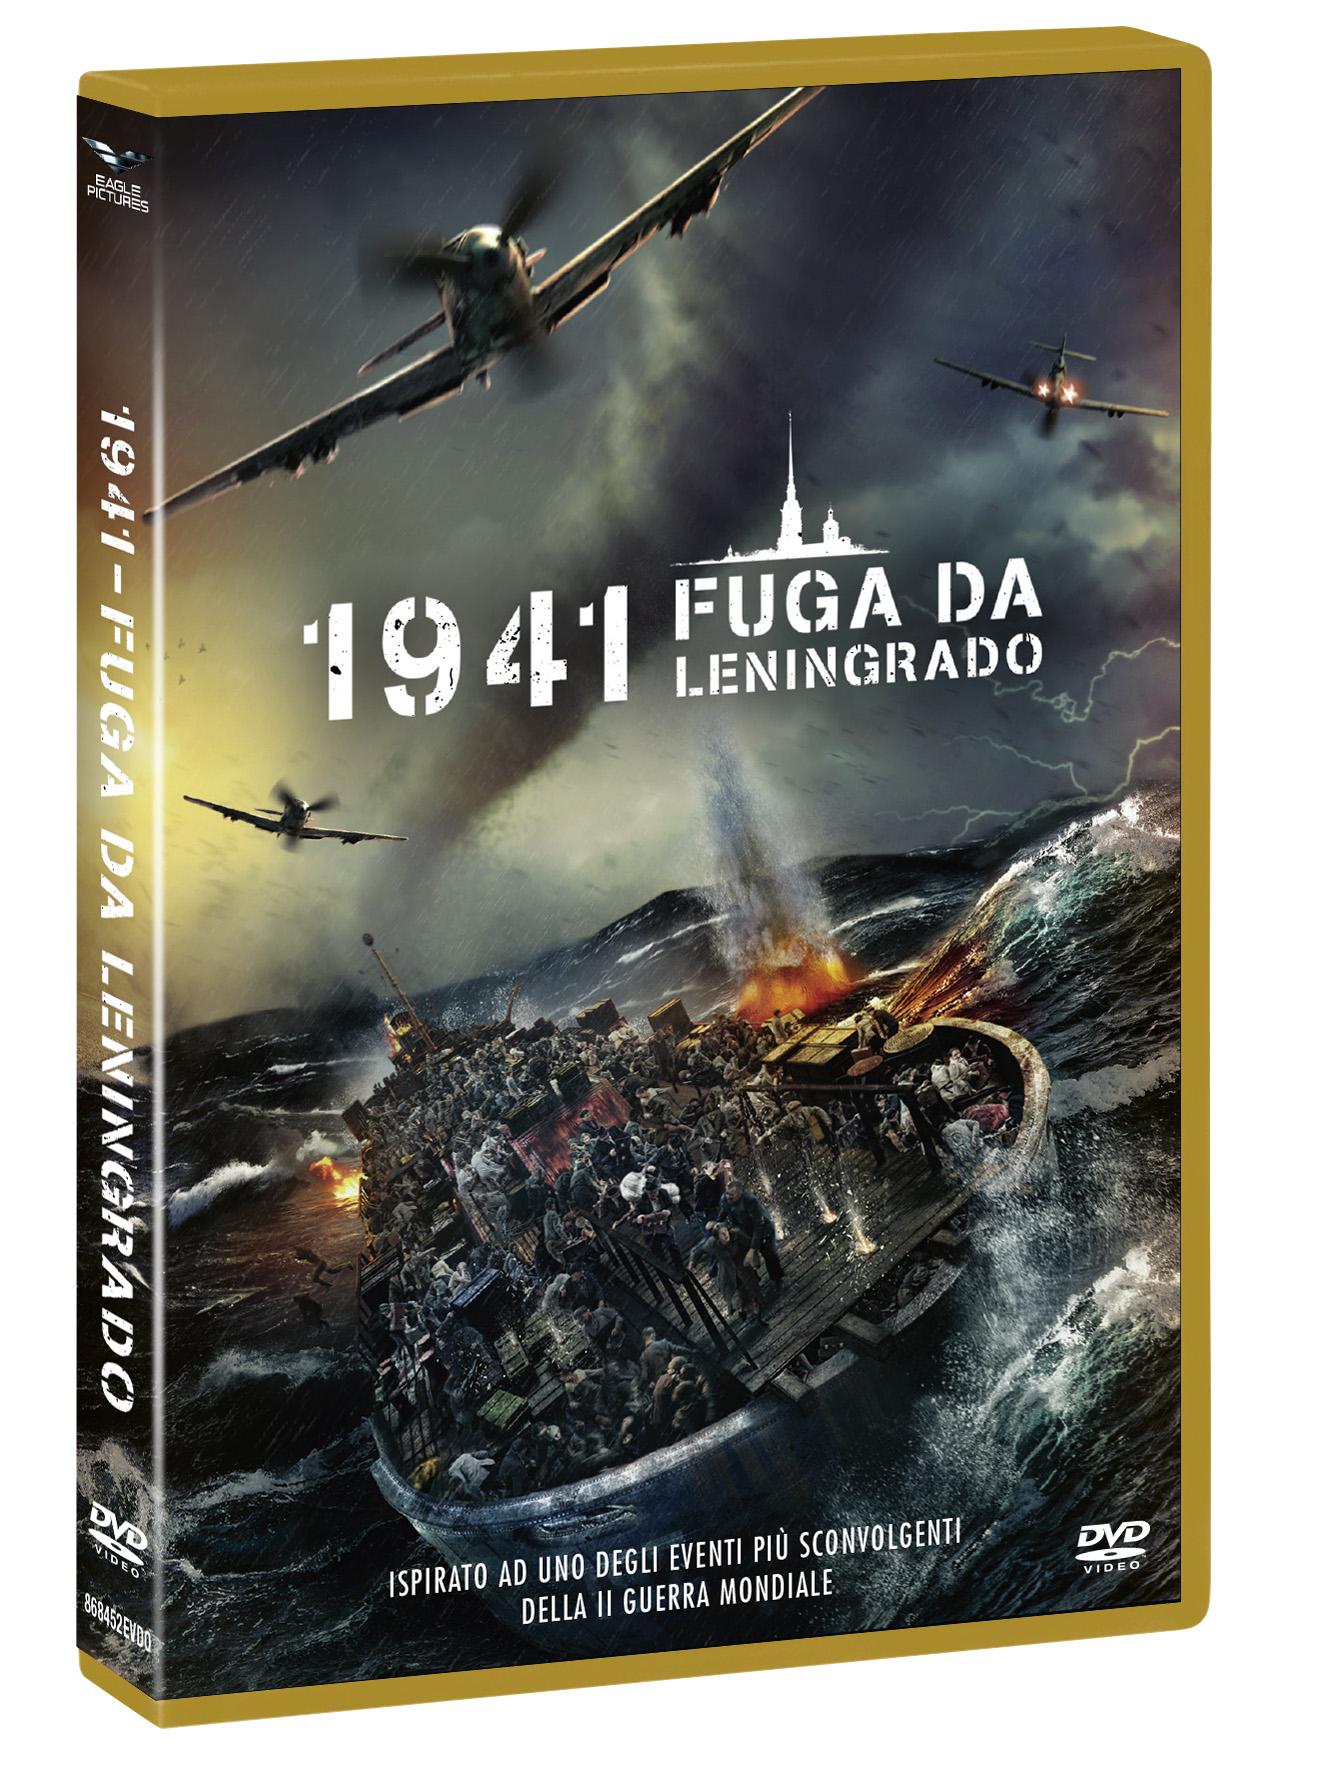 1941 - FUGA DA LENINGRADO (DVD)